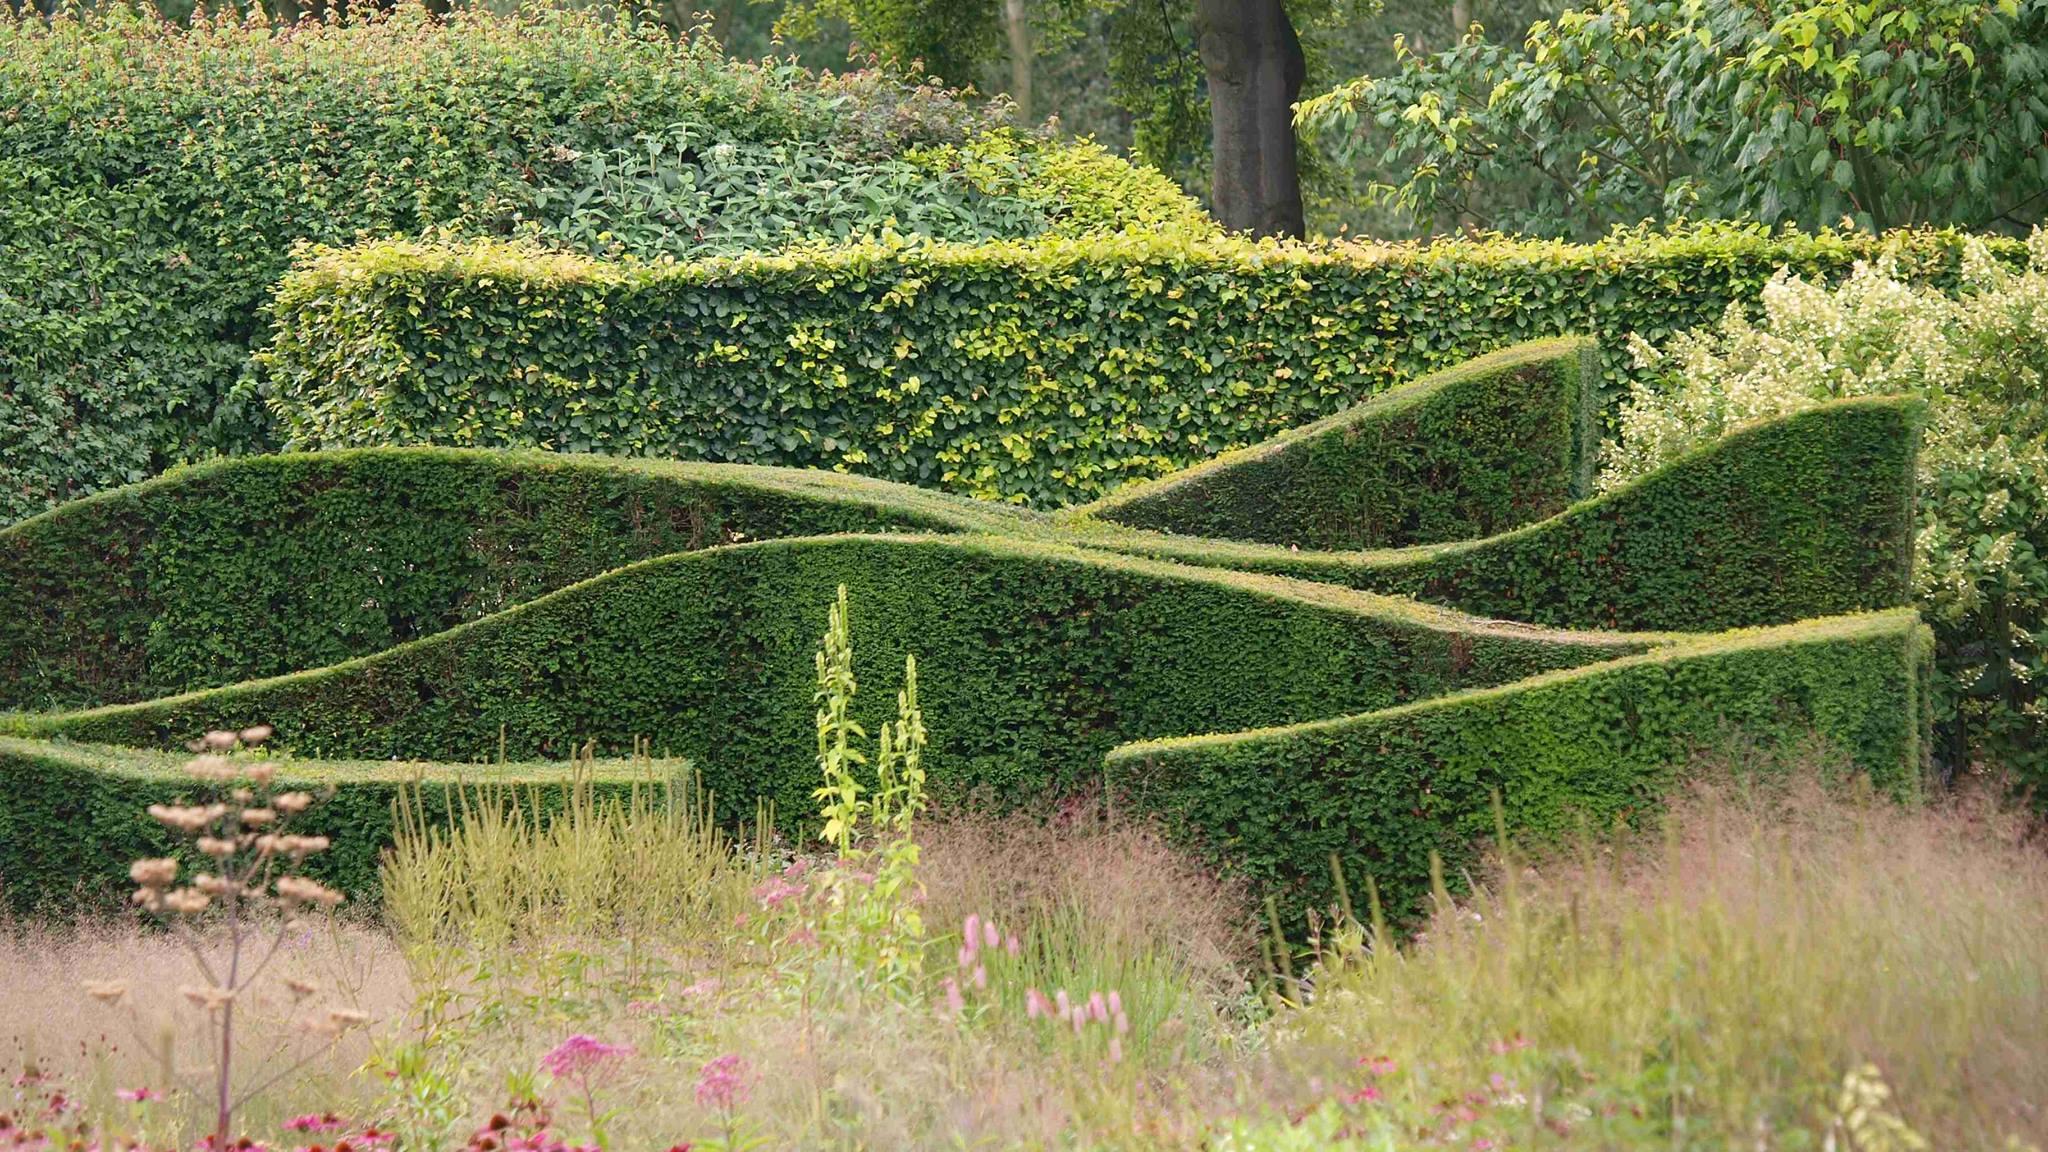 Vlnkatý živý plot z tisu - v pozadí rovný plot z buku.